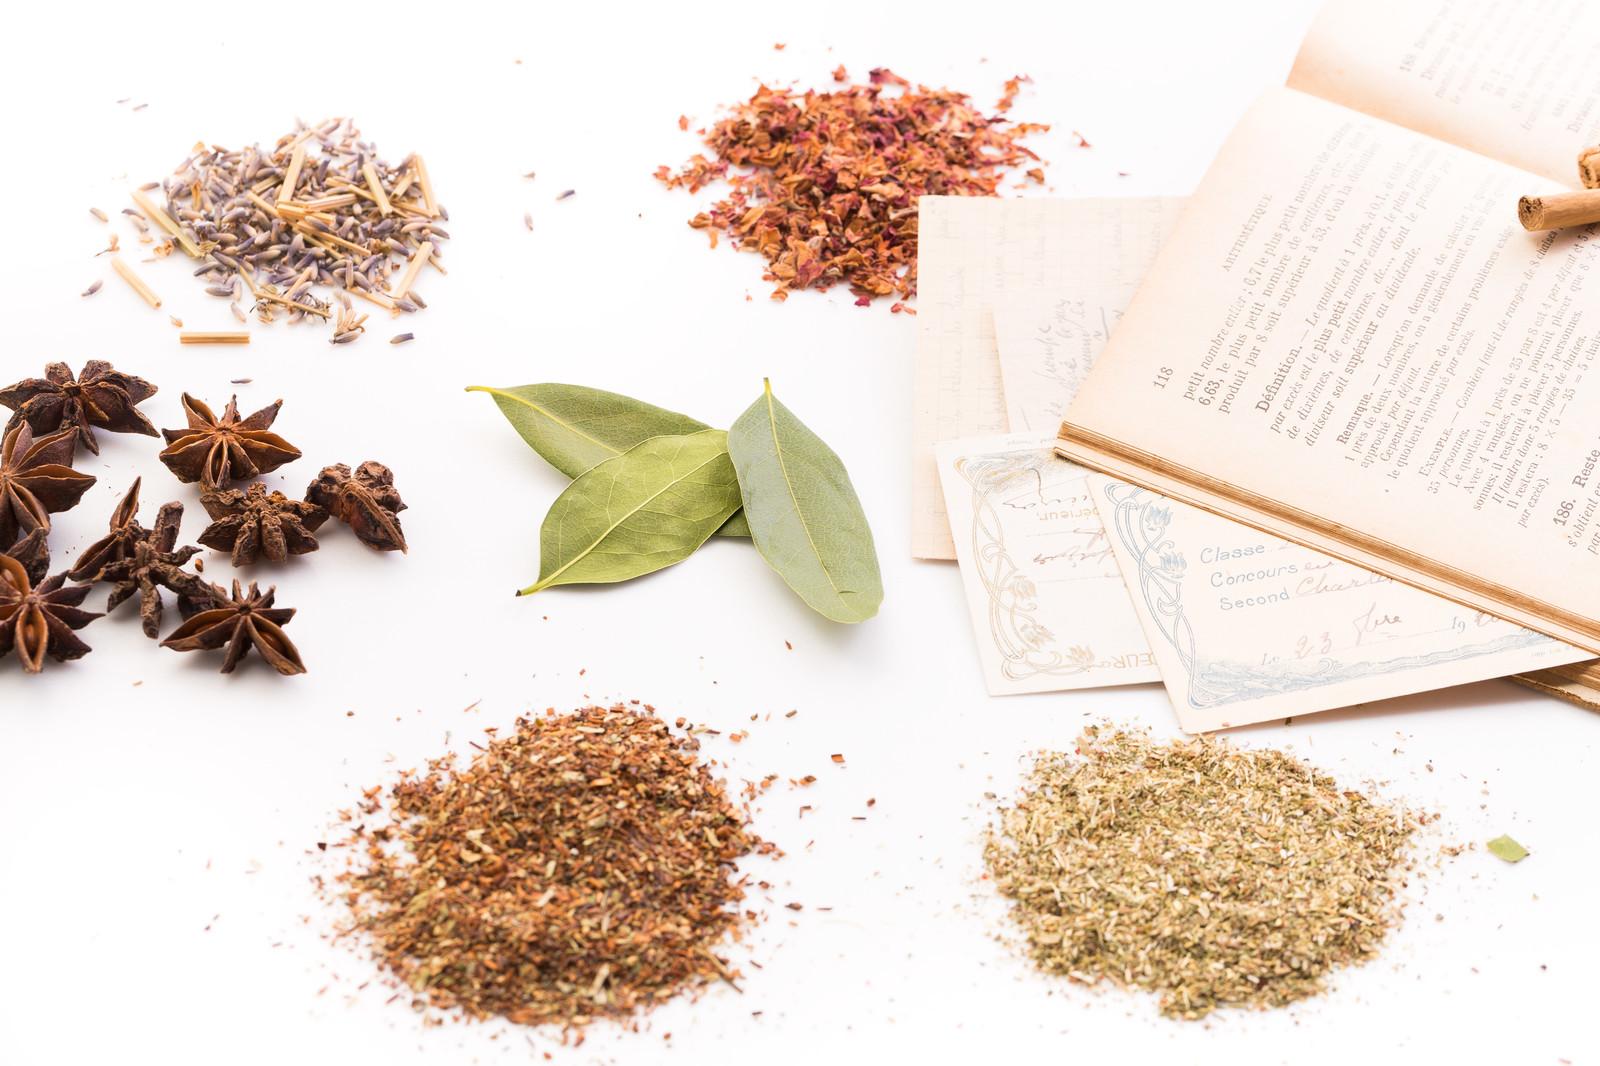 苦茶之家のお茶はかなり苦い!美と健康のために一度お試しあれ!